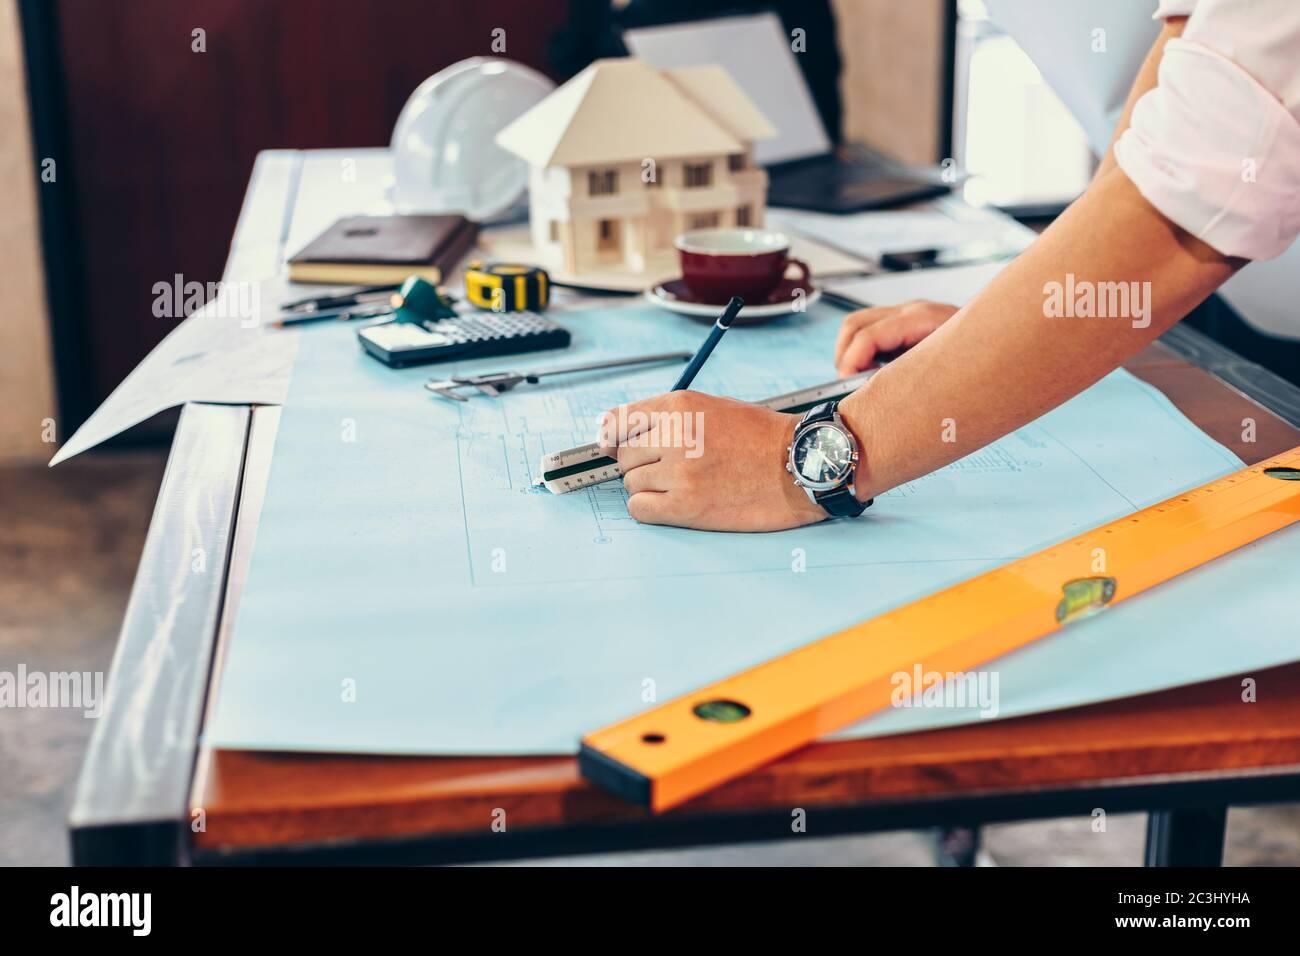 les ingénieurs tiennent un stylo pointant vers un bâtiment et dessinant un plan de construction de dépenses pour guider les constructeurs avec des détails Banque D'Images